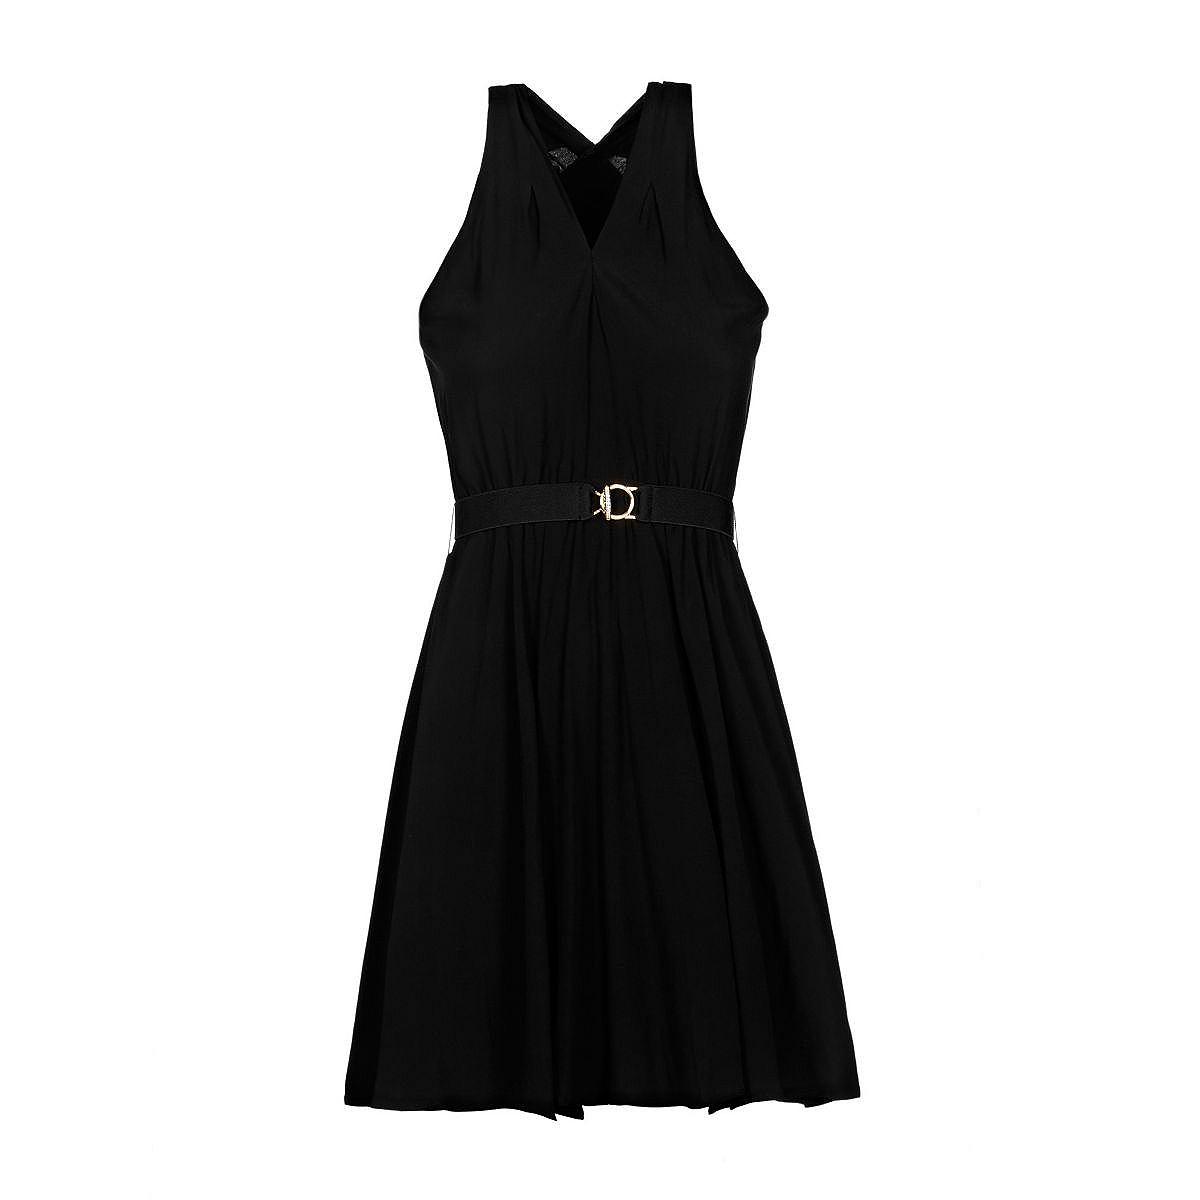 Guess jurk gestreept gekruist zwart